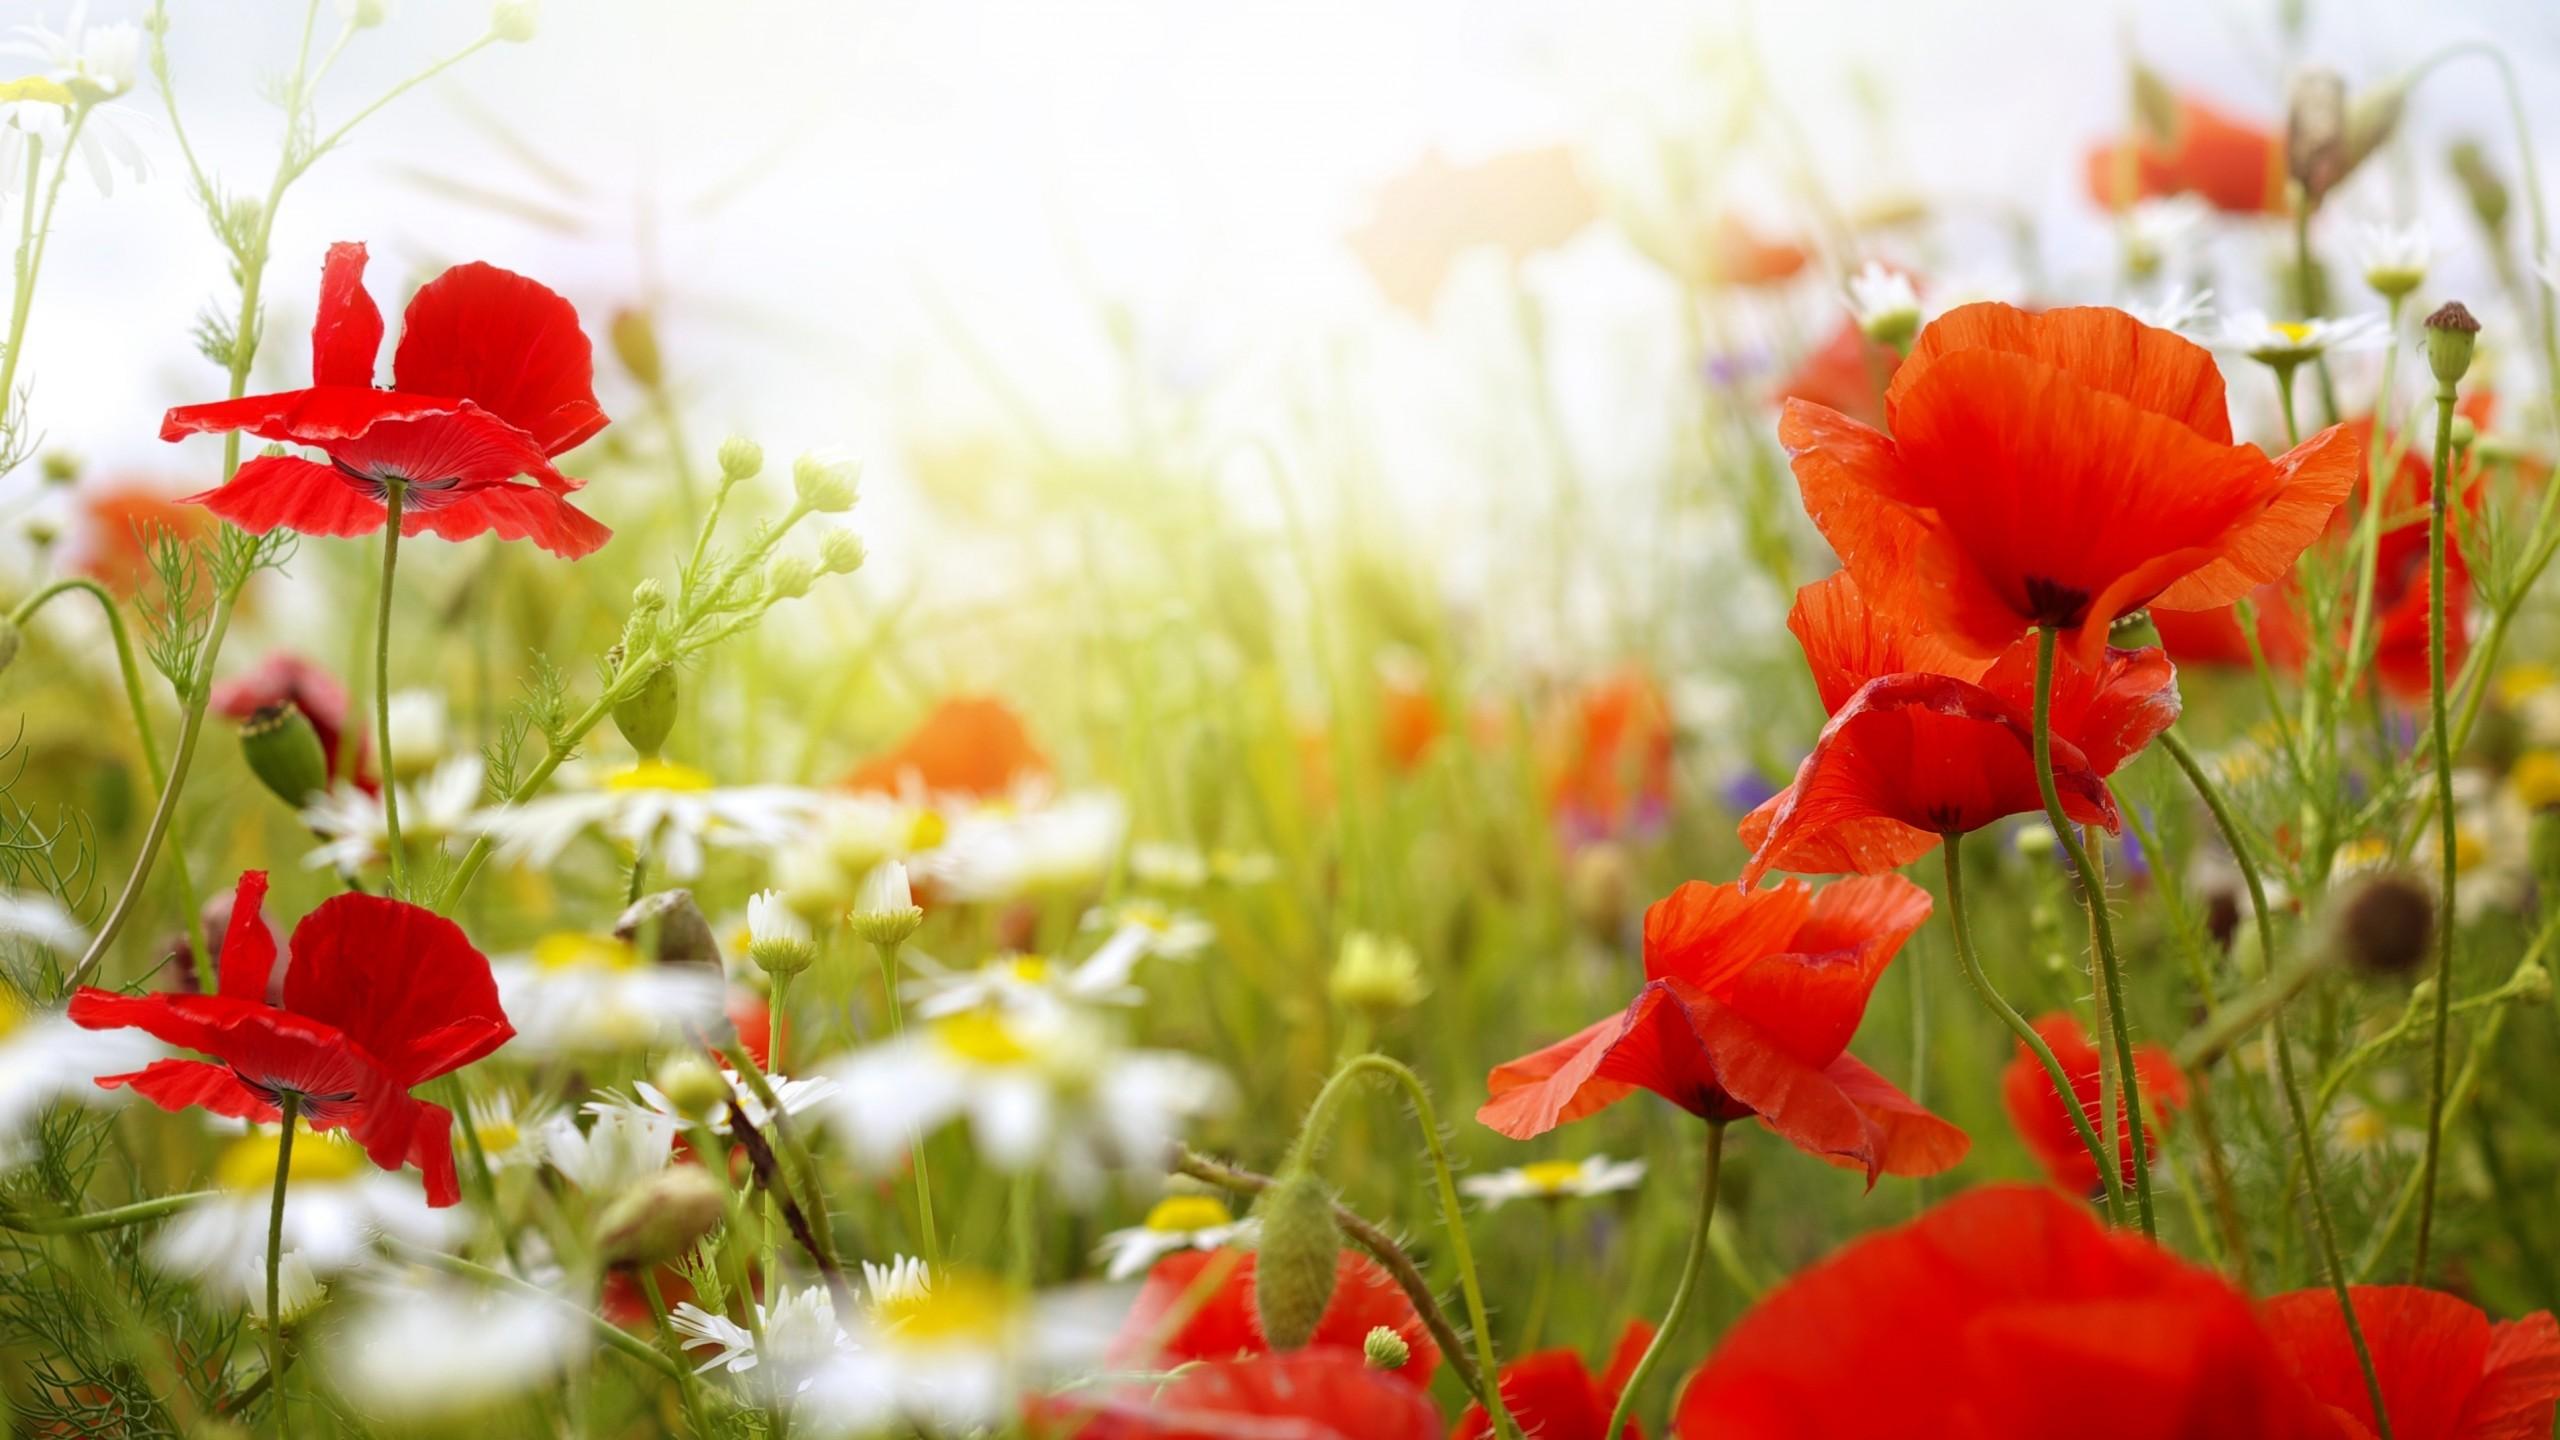 Wallpaper field 4k hd wallpaper chamomile poppy flowers nature 2k 2560x1440 mightylinksfo